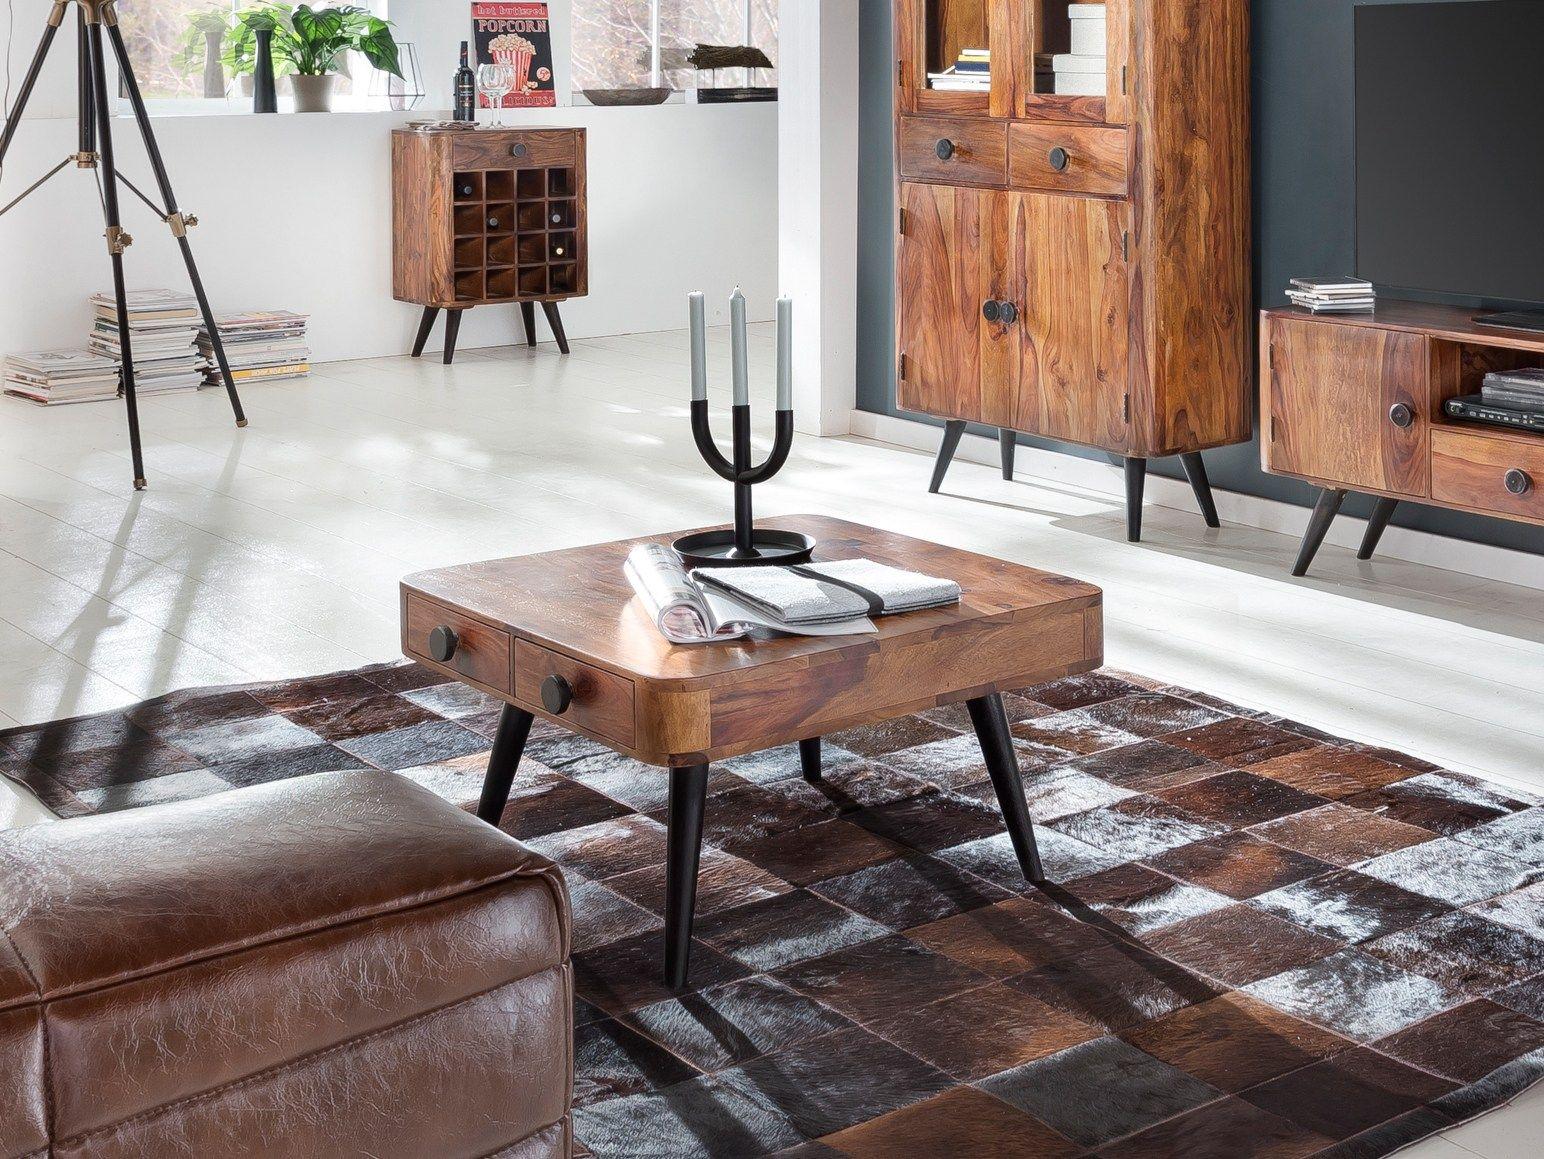 Sit-Möbel, Couch-Tisch, Sheesham, Knob, 08380-01 | Möbel | Pinterest